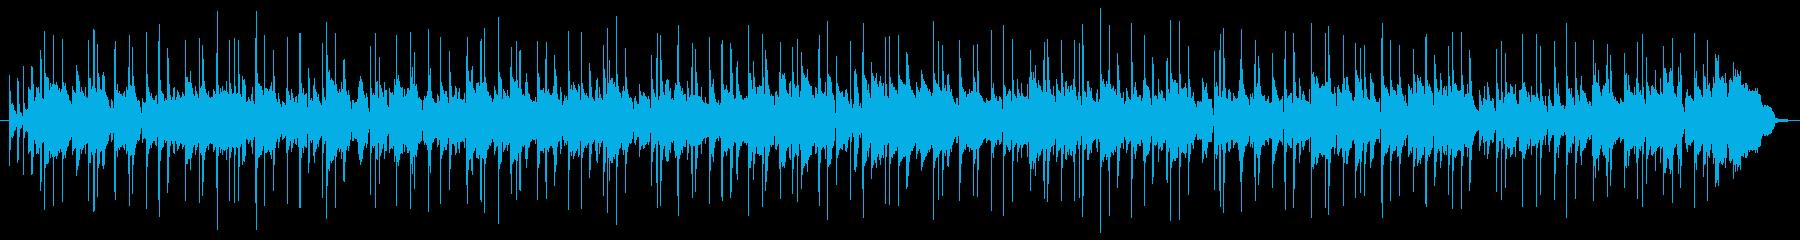 ファンキーなブルースの再生済みの波形